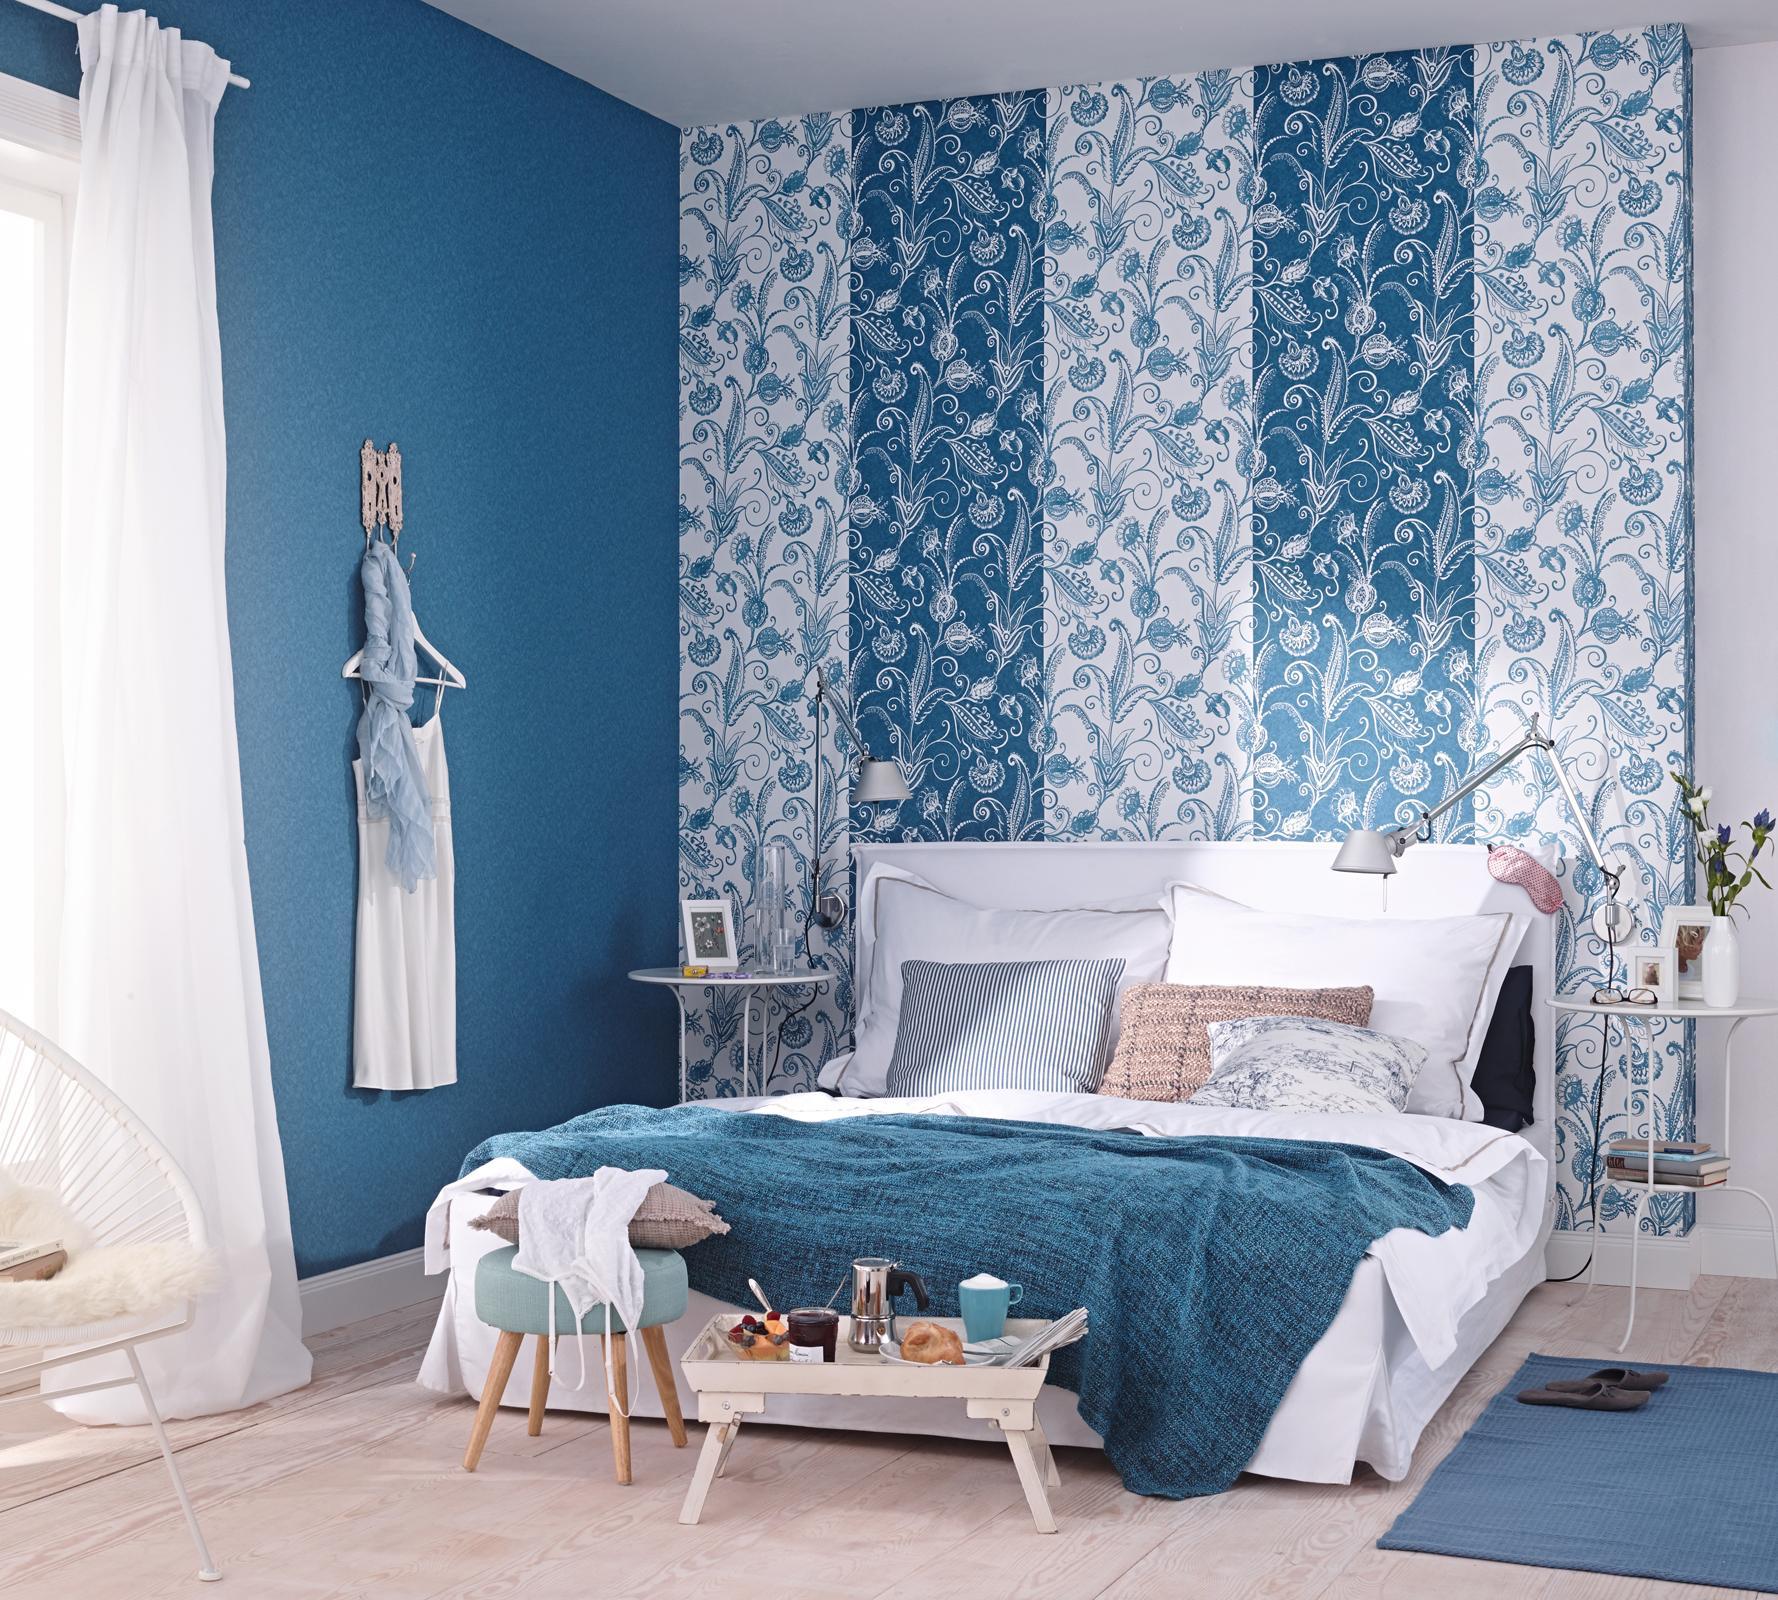 Tapete schlafzimmer türkis  Türkisfarbene Tapete • Bilder & Ideen • COUCHstyle